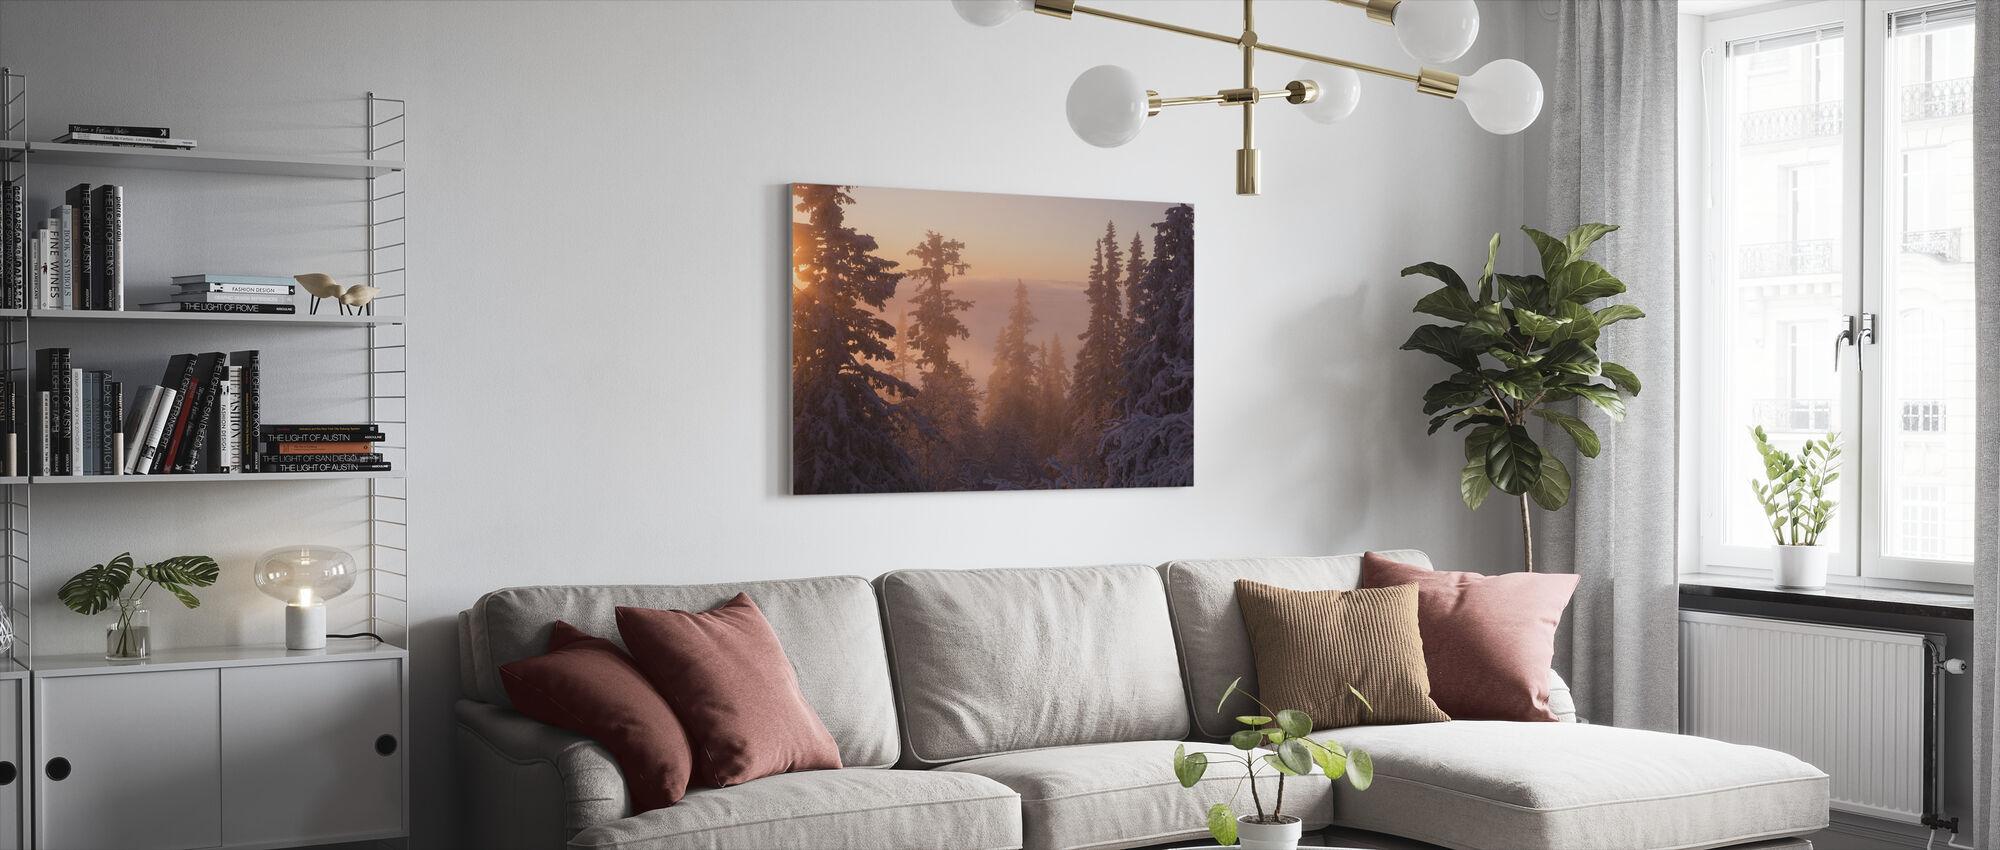 Kuusen metsä hämärässä - Canvastaulu - Olohuone